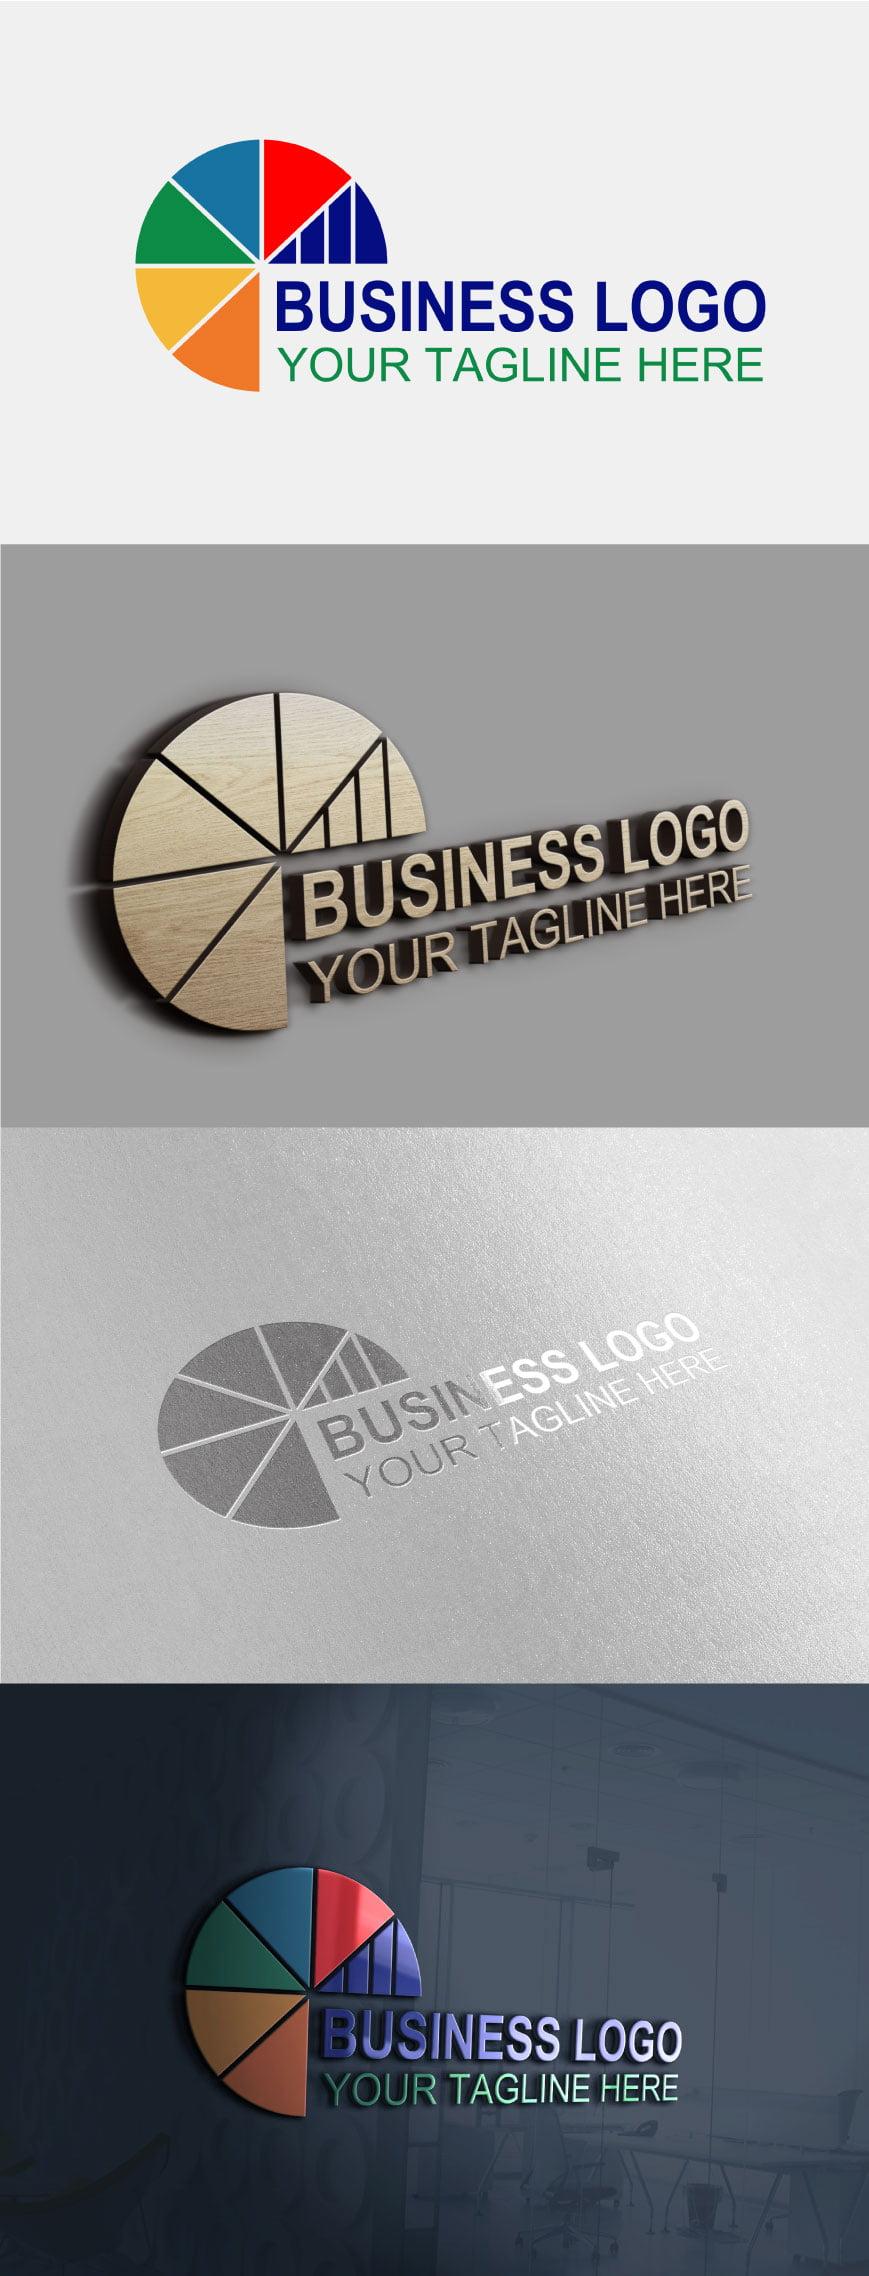 Modern Business Logo Template